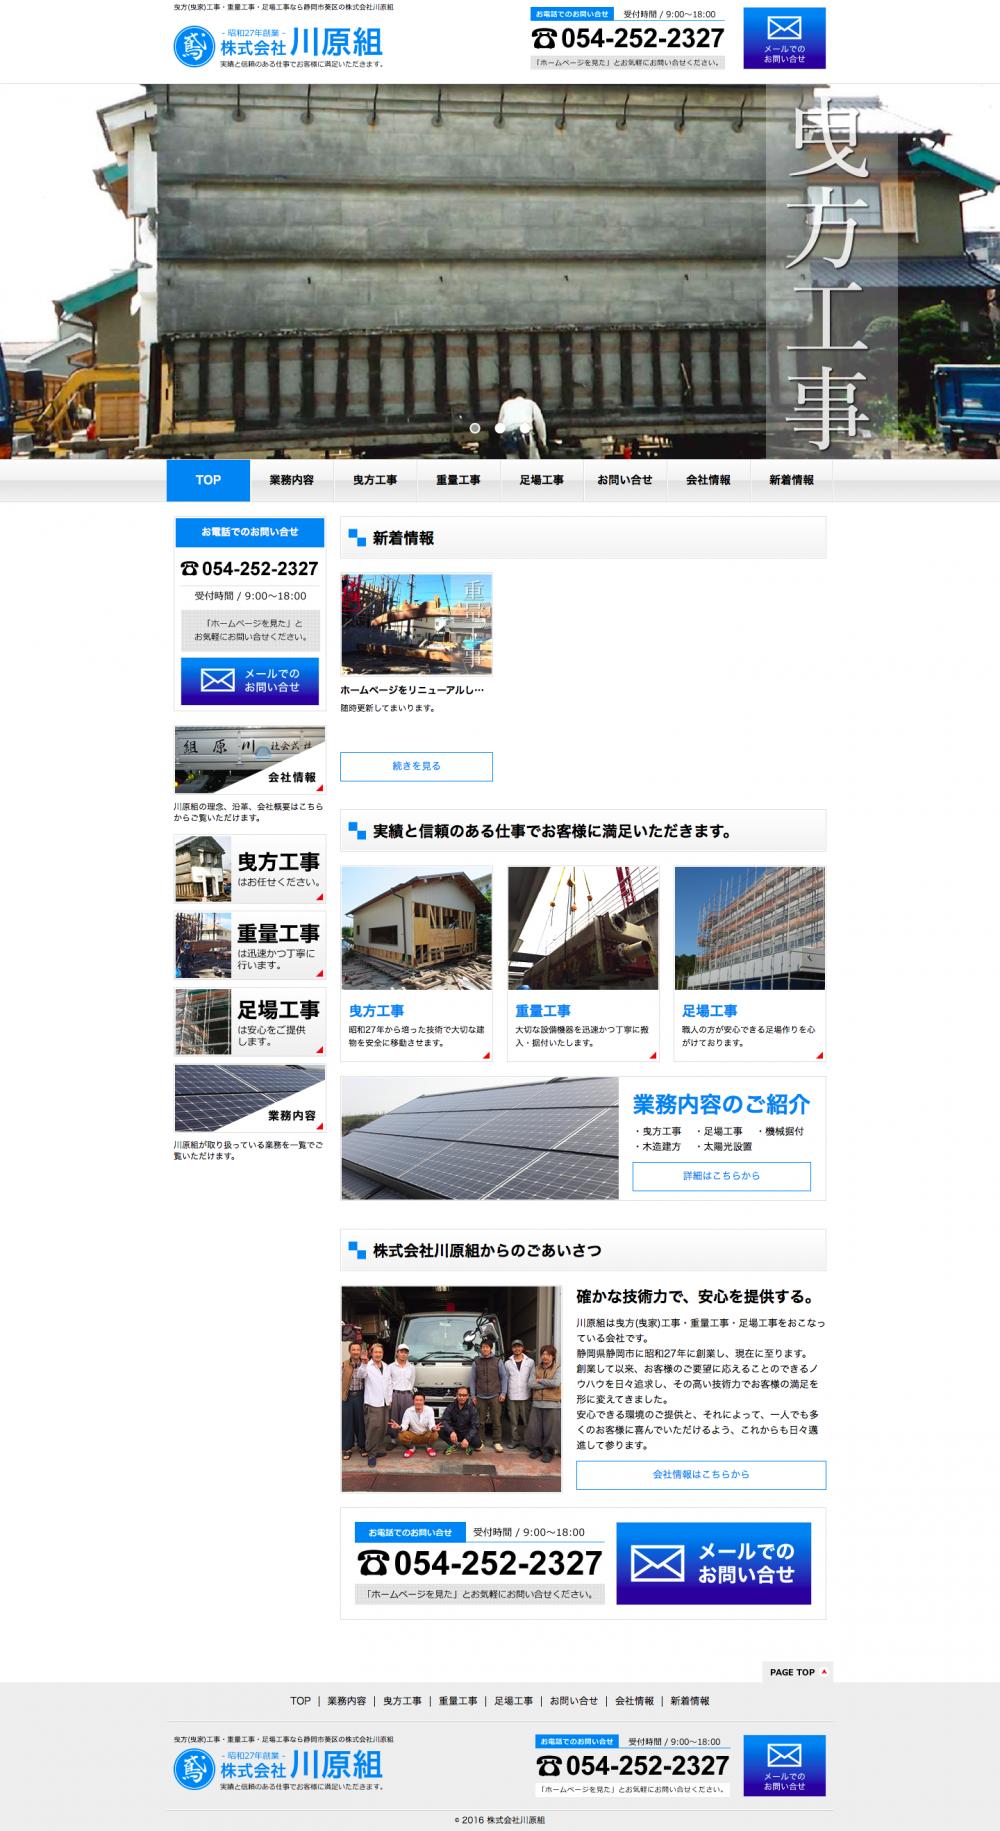 株式会社川原組